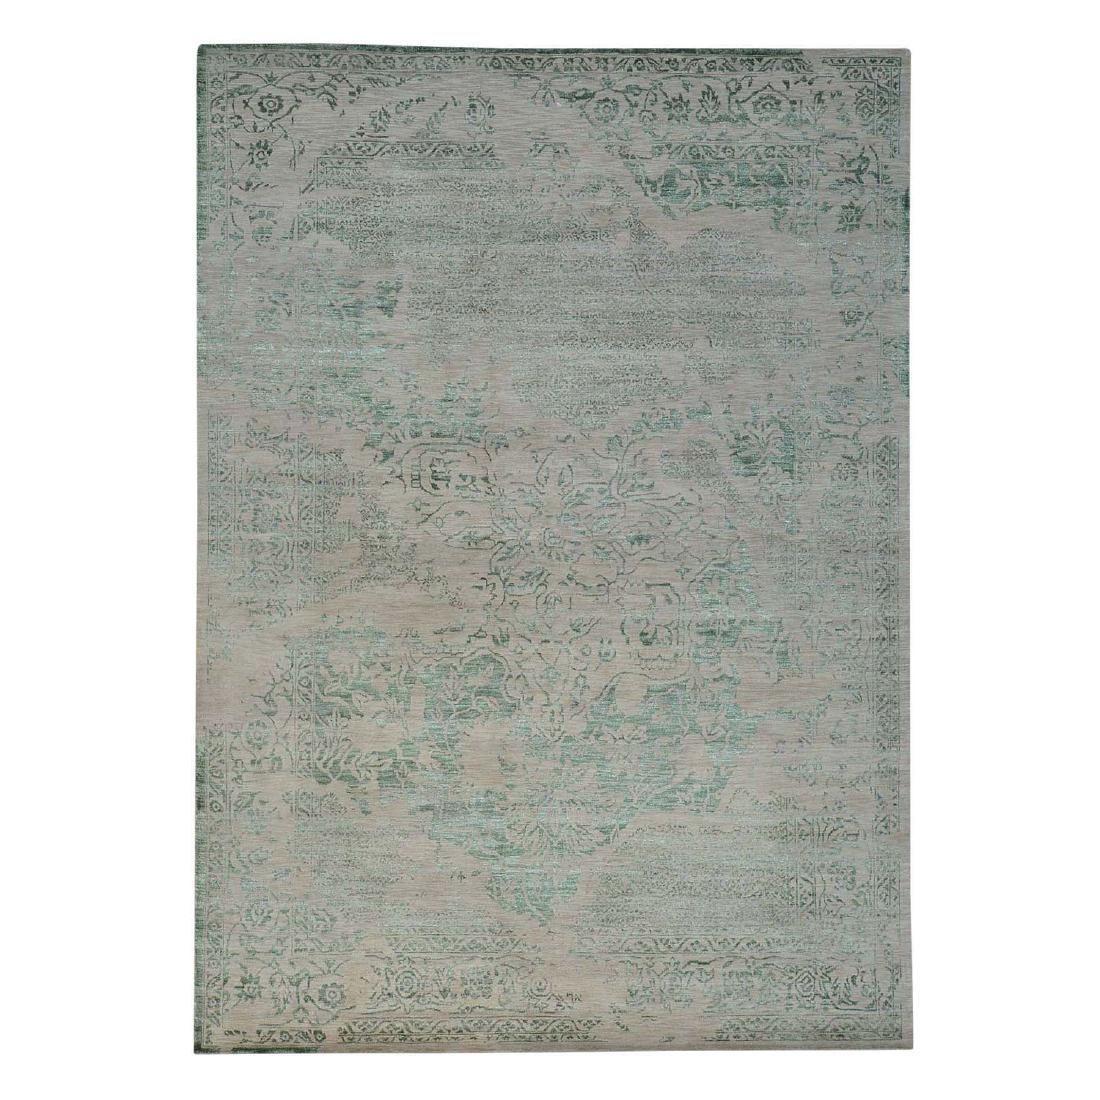 Wool and Silk Broken Design Heriz Oriental Rug Handmade